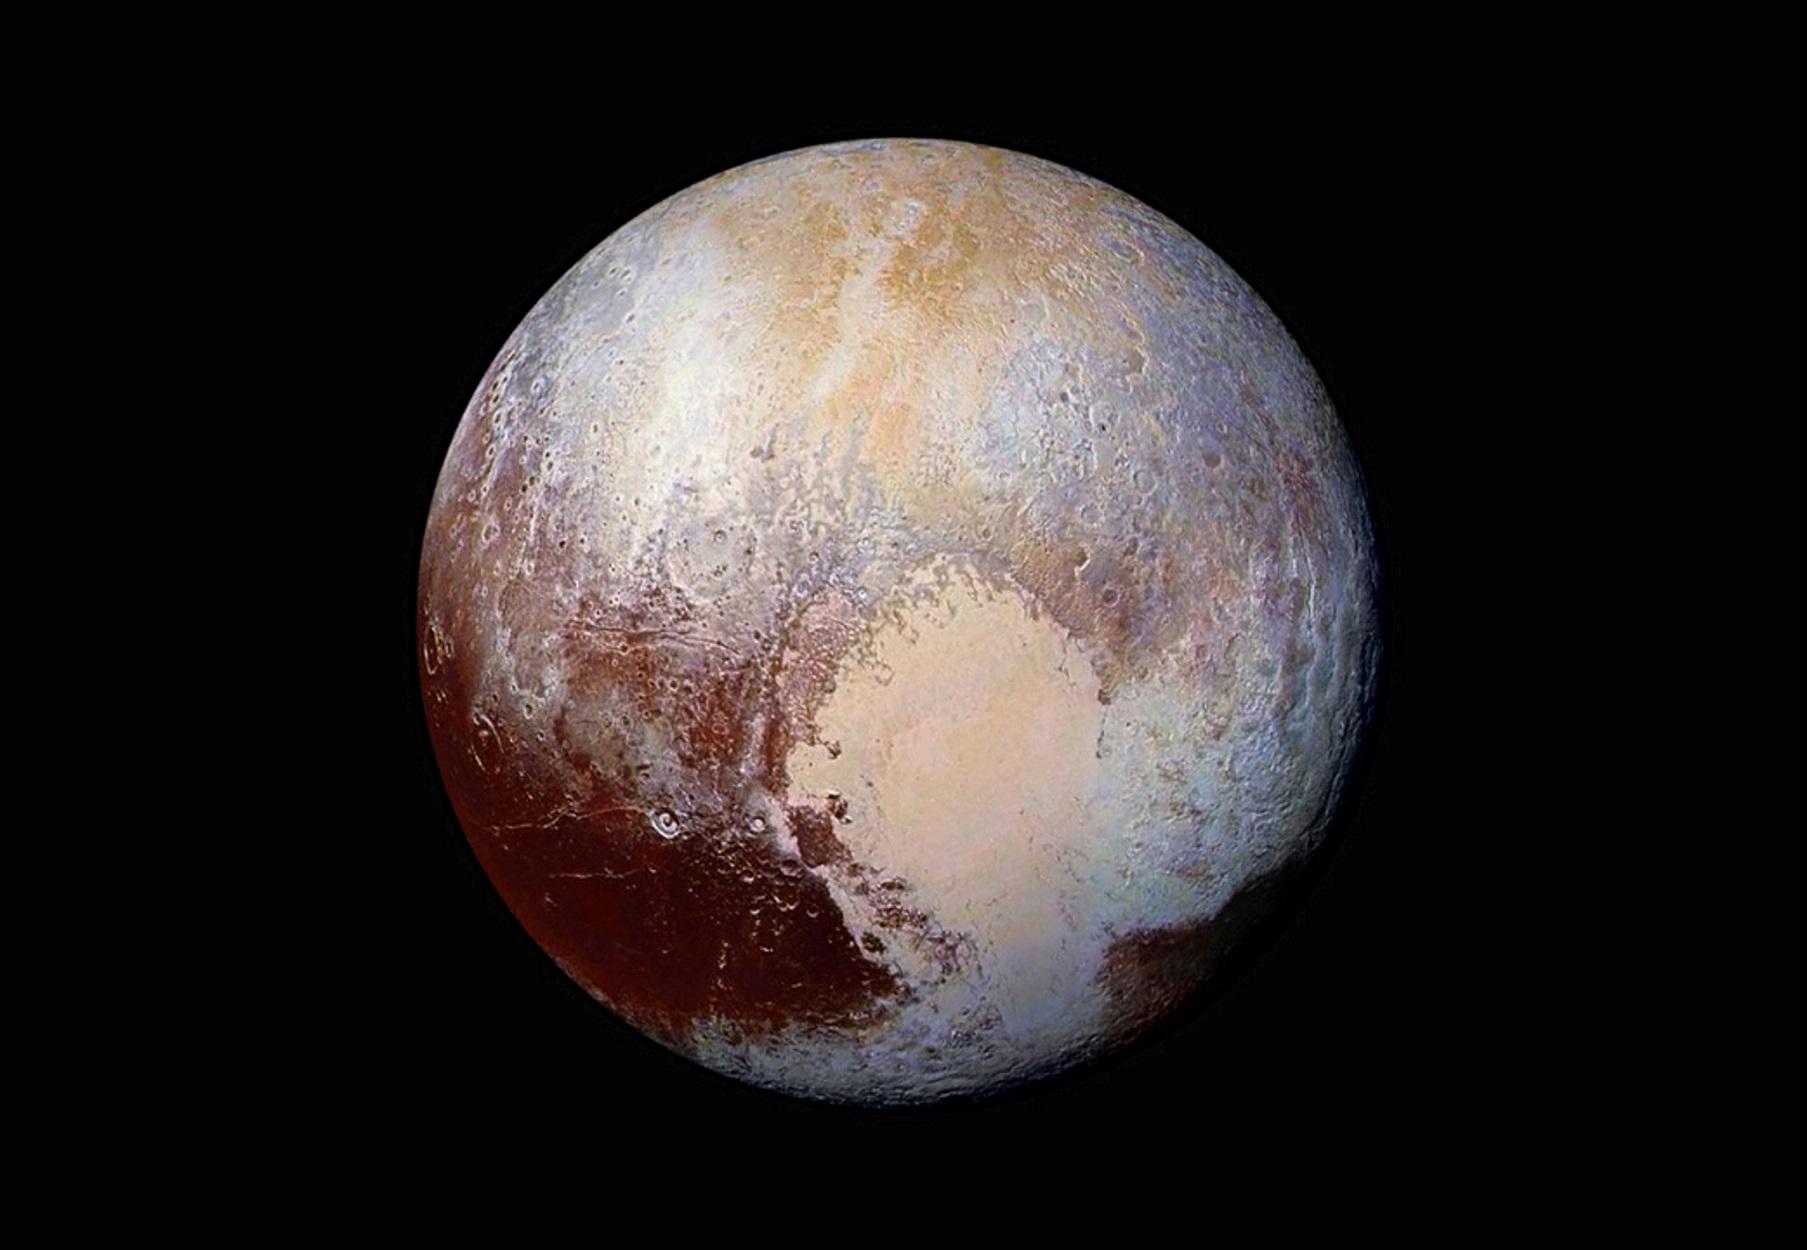 Ανακαλύφθηκε μεγάλος εξωπλανήτης κοντά στη Γη, Διάστημα: Ανακαλύφθηκε μεγάλος εξωπλανήτης κοντά στη Γη, Eviathema.gr | ΕΥΒΟΙΑ ΝΕΑ - Νέα και ειδήσεις από όλη την Εύβοια